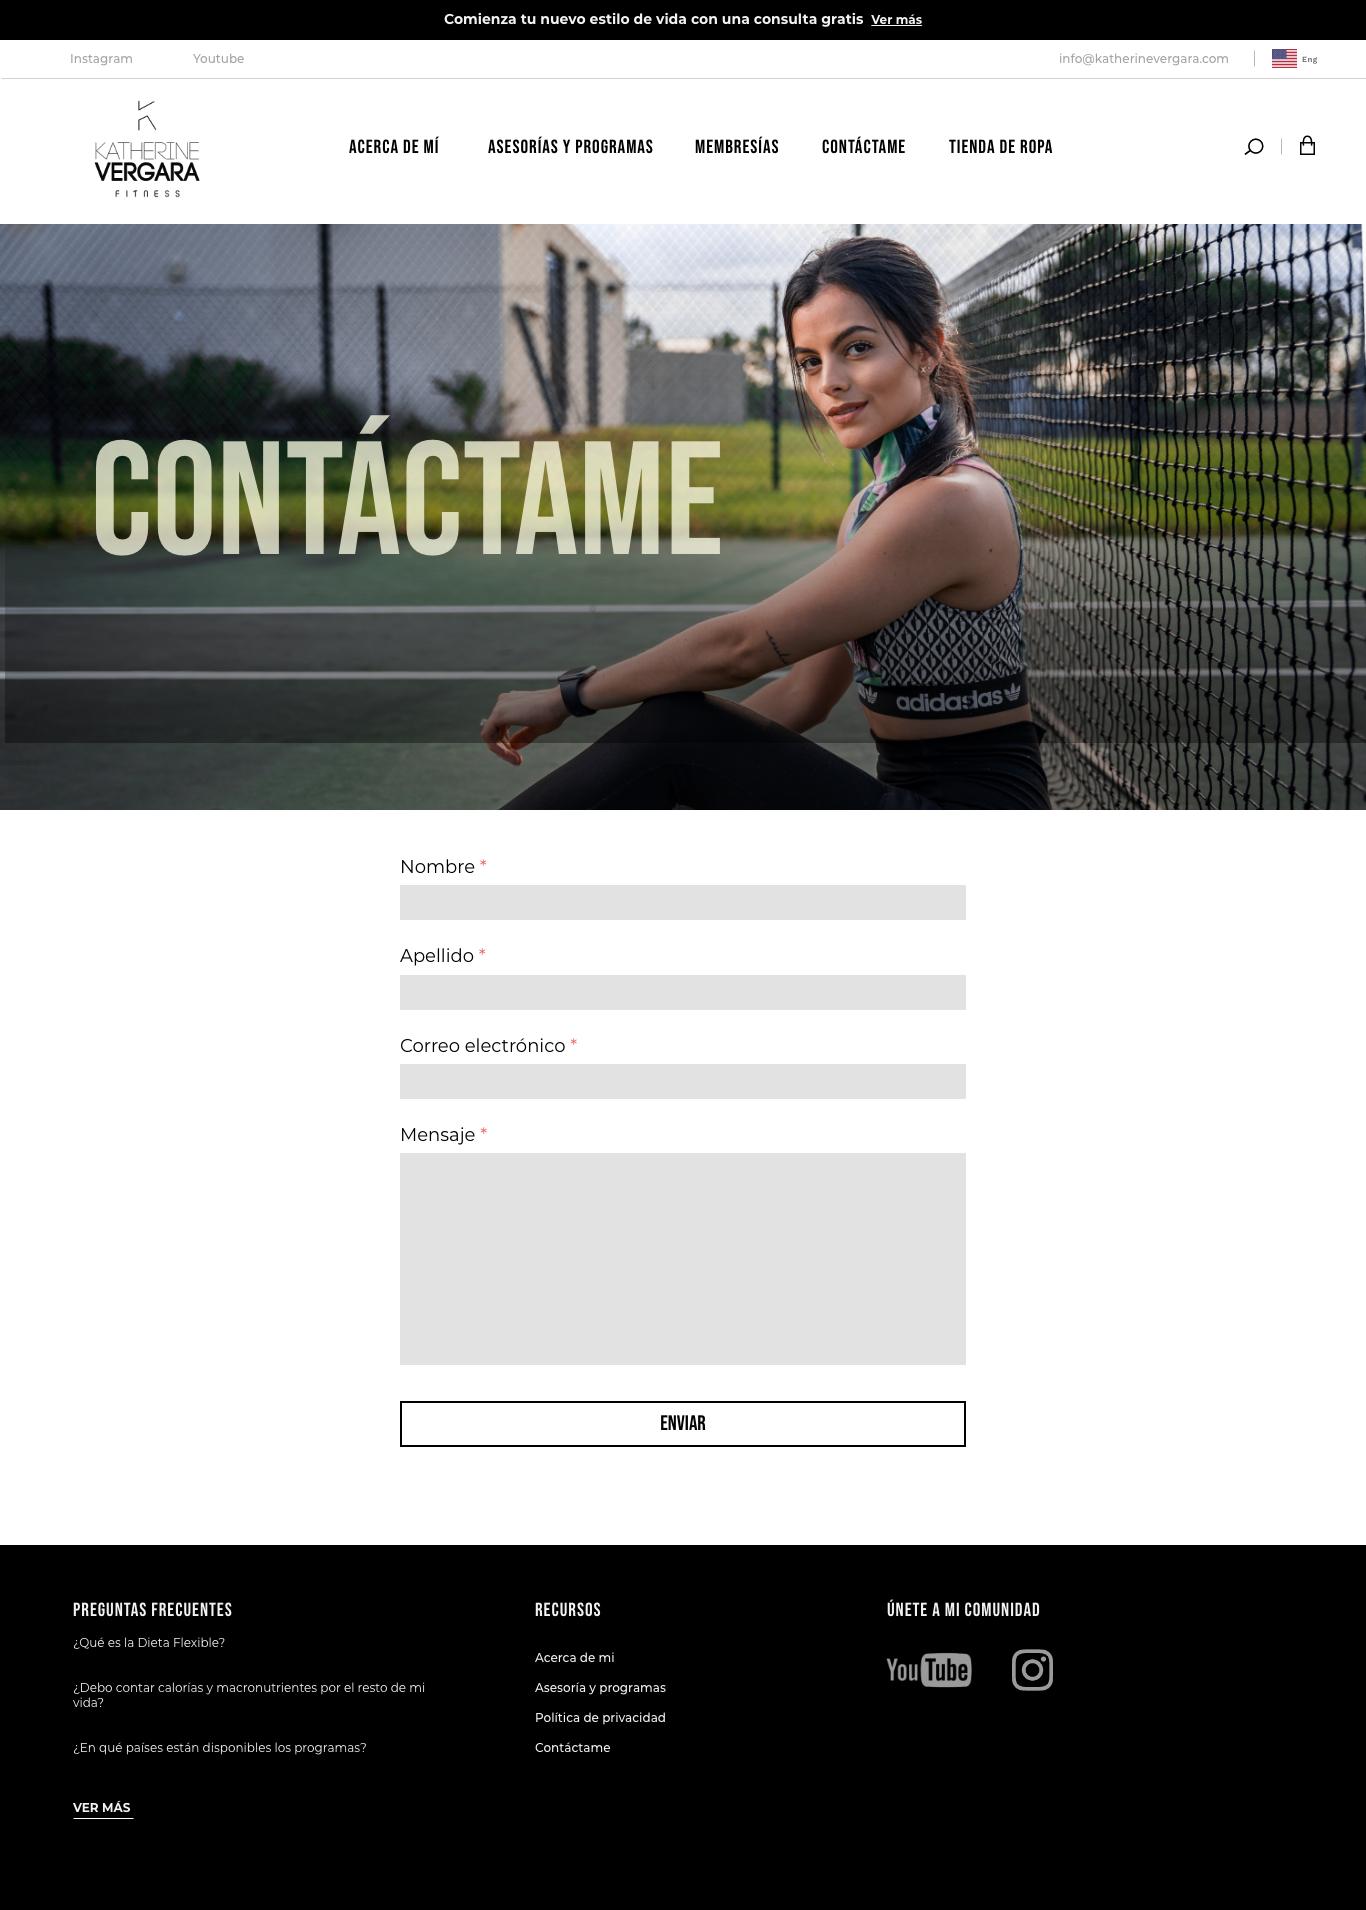 Contactame_kv